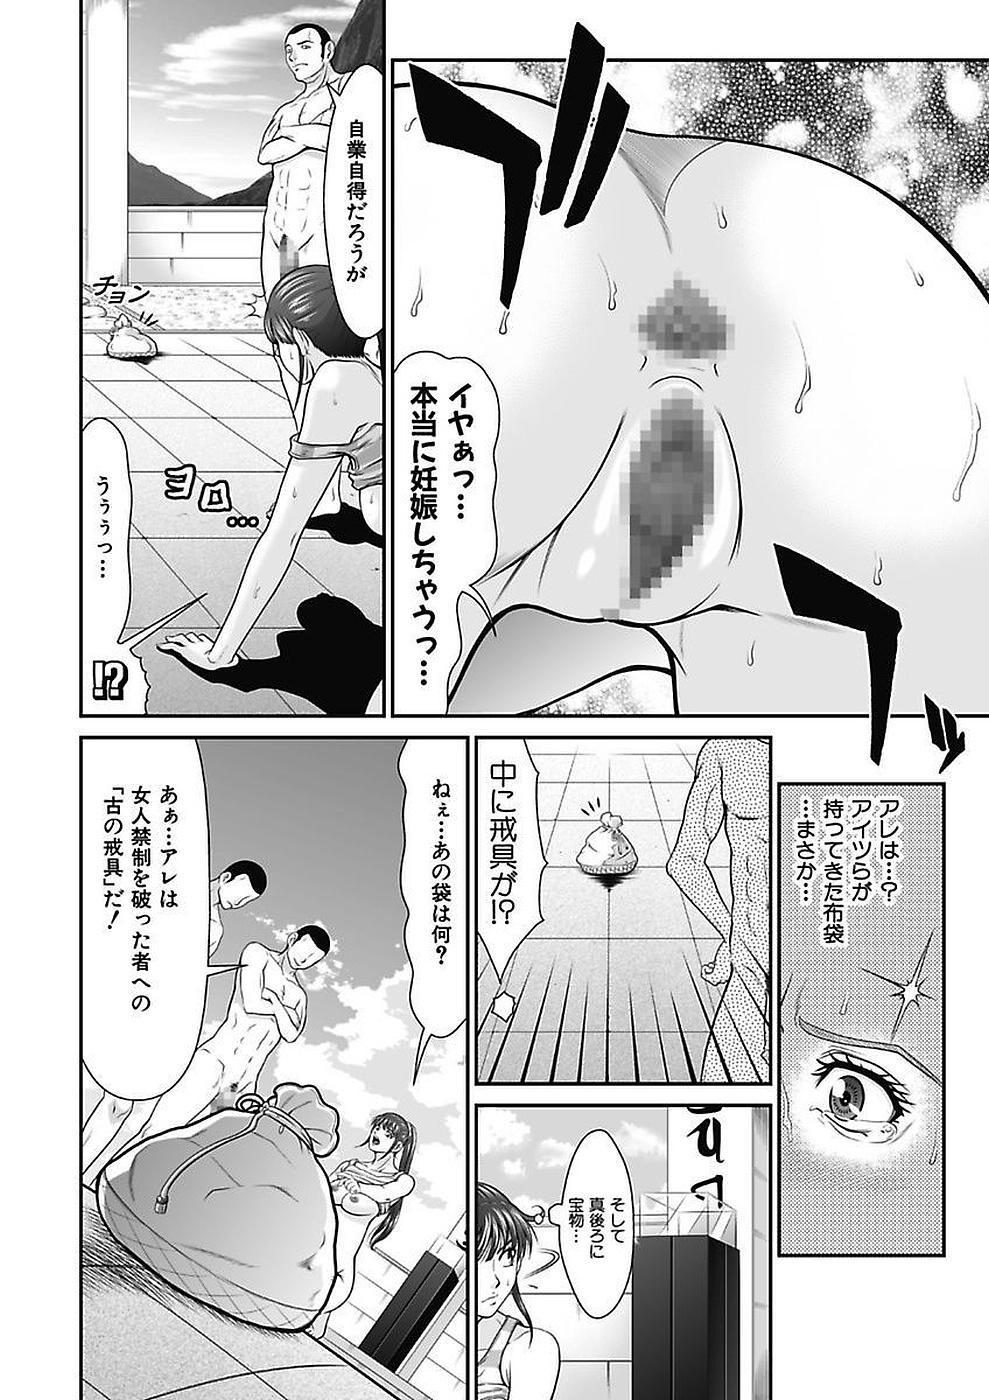 [Kurono Masakado] Dengeki Zecchou! Hihoujima ~Chikyuu no Oku ni Sasowarete~ Joukan 57